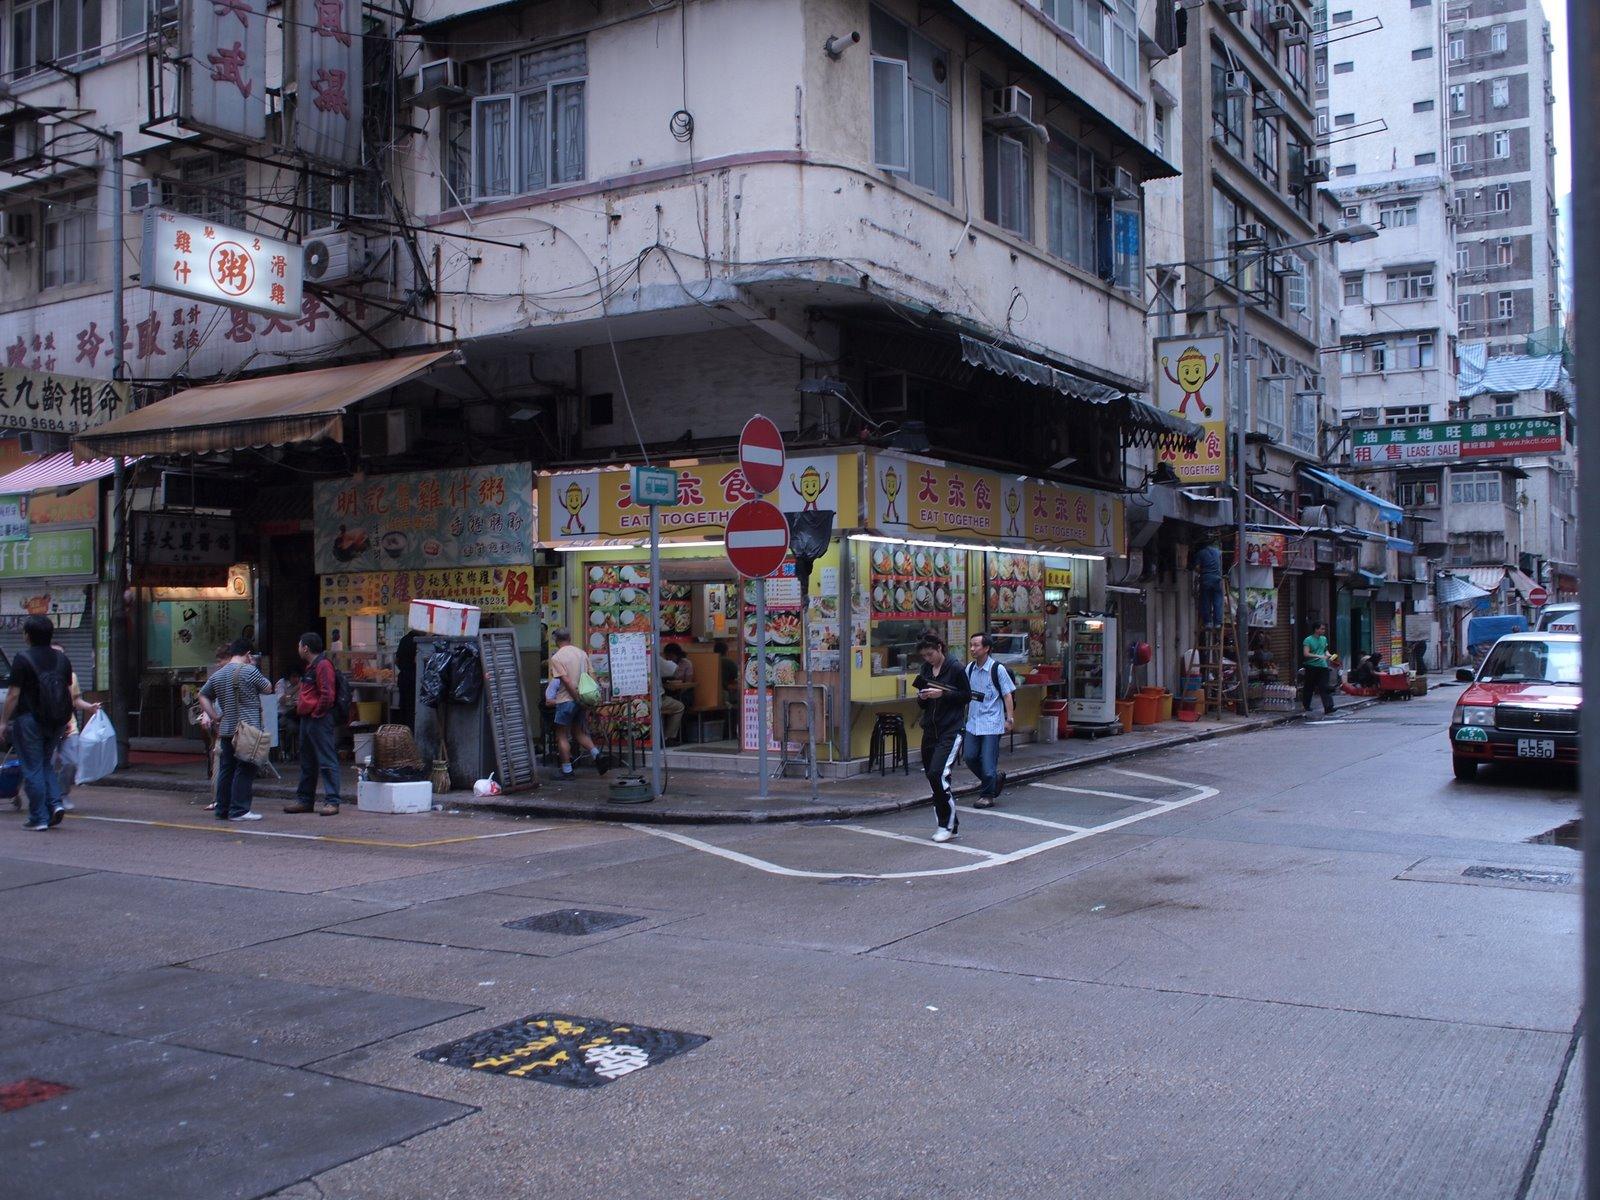 hong kong - photo #18